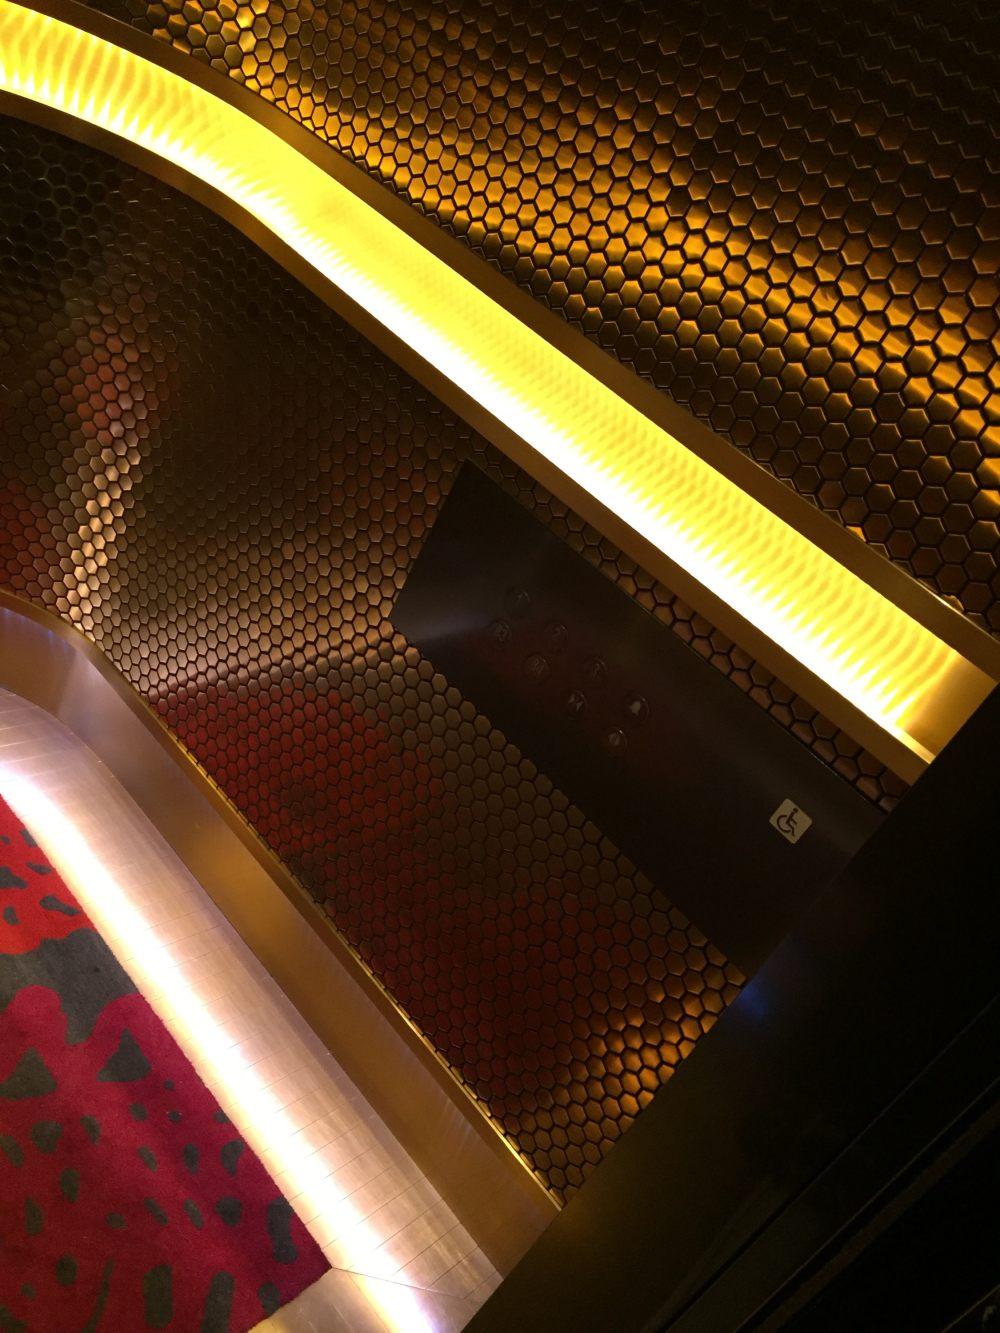 上海外滩W酒店,史上最全入住体验 自拍分享,申请置...._IMG_6148.JPG